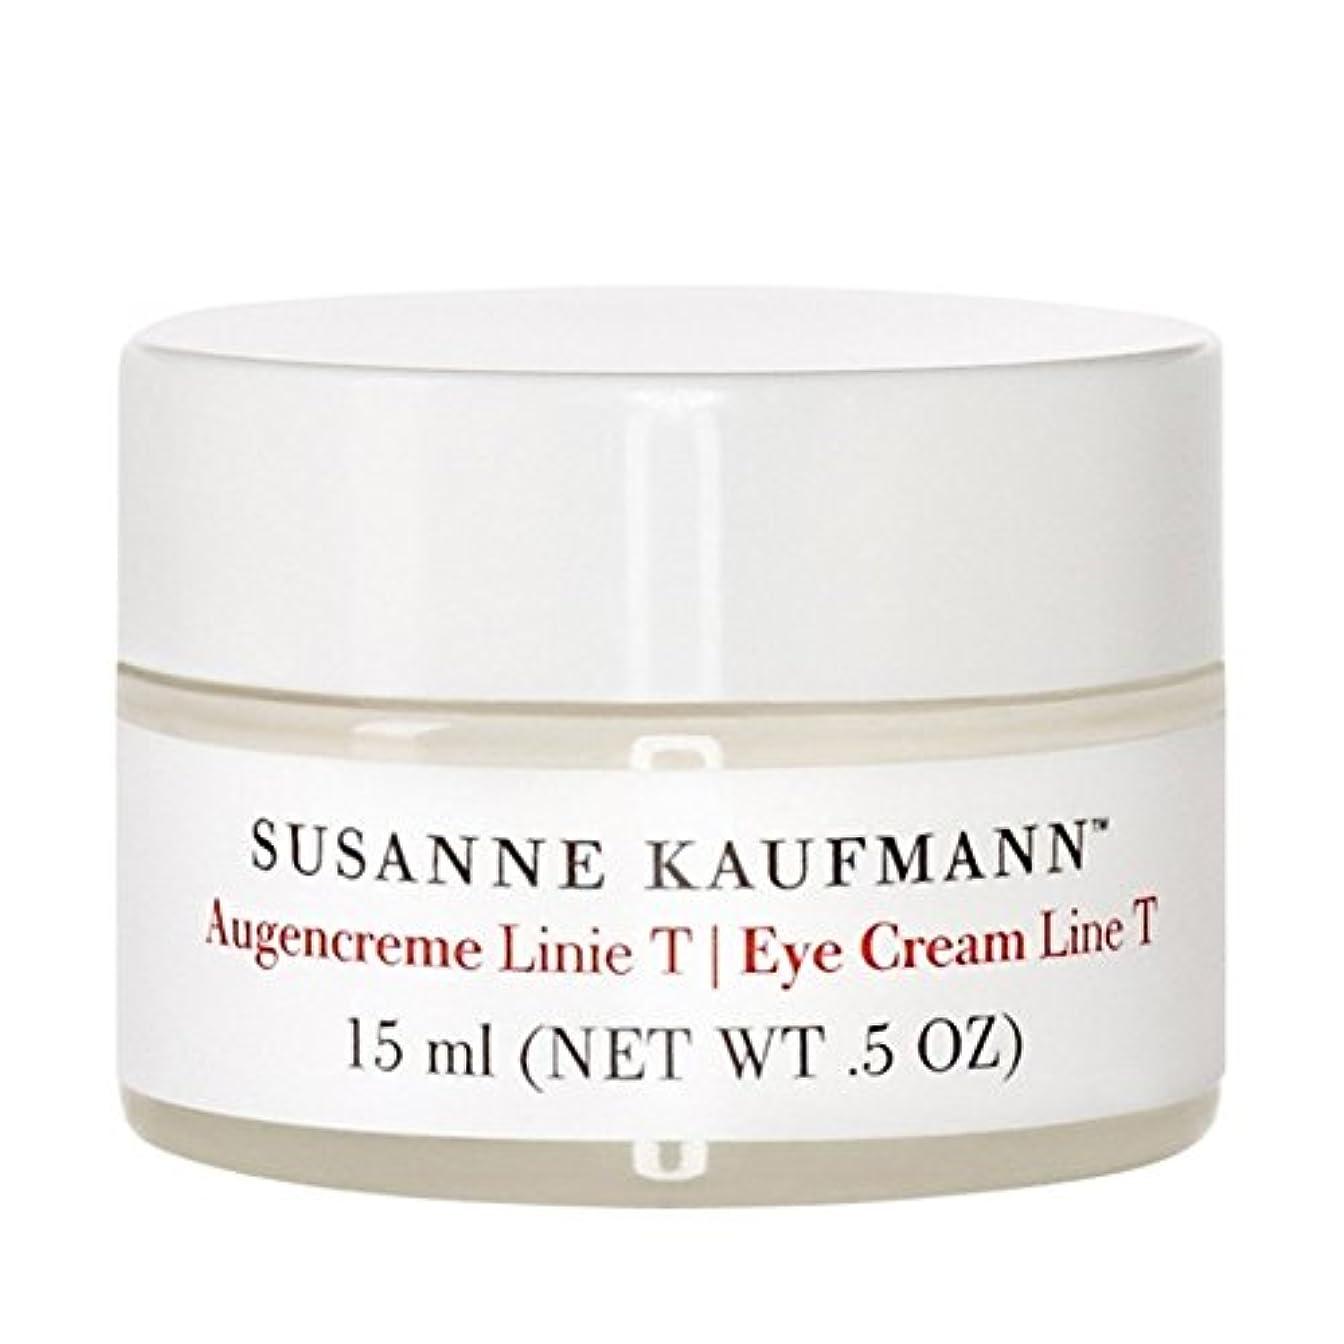 器具他に酸っぱいスザンヌカウフマンアイクリームライントンの15ミリリットル x2 - Susanne Kaufmann Eye Cream Line T 15ml (Pack of 2) [並行輸入品]